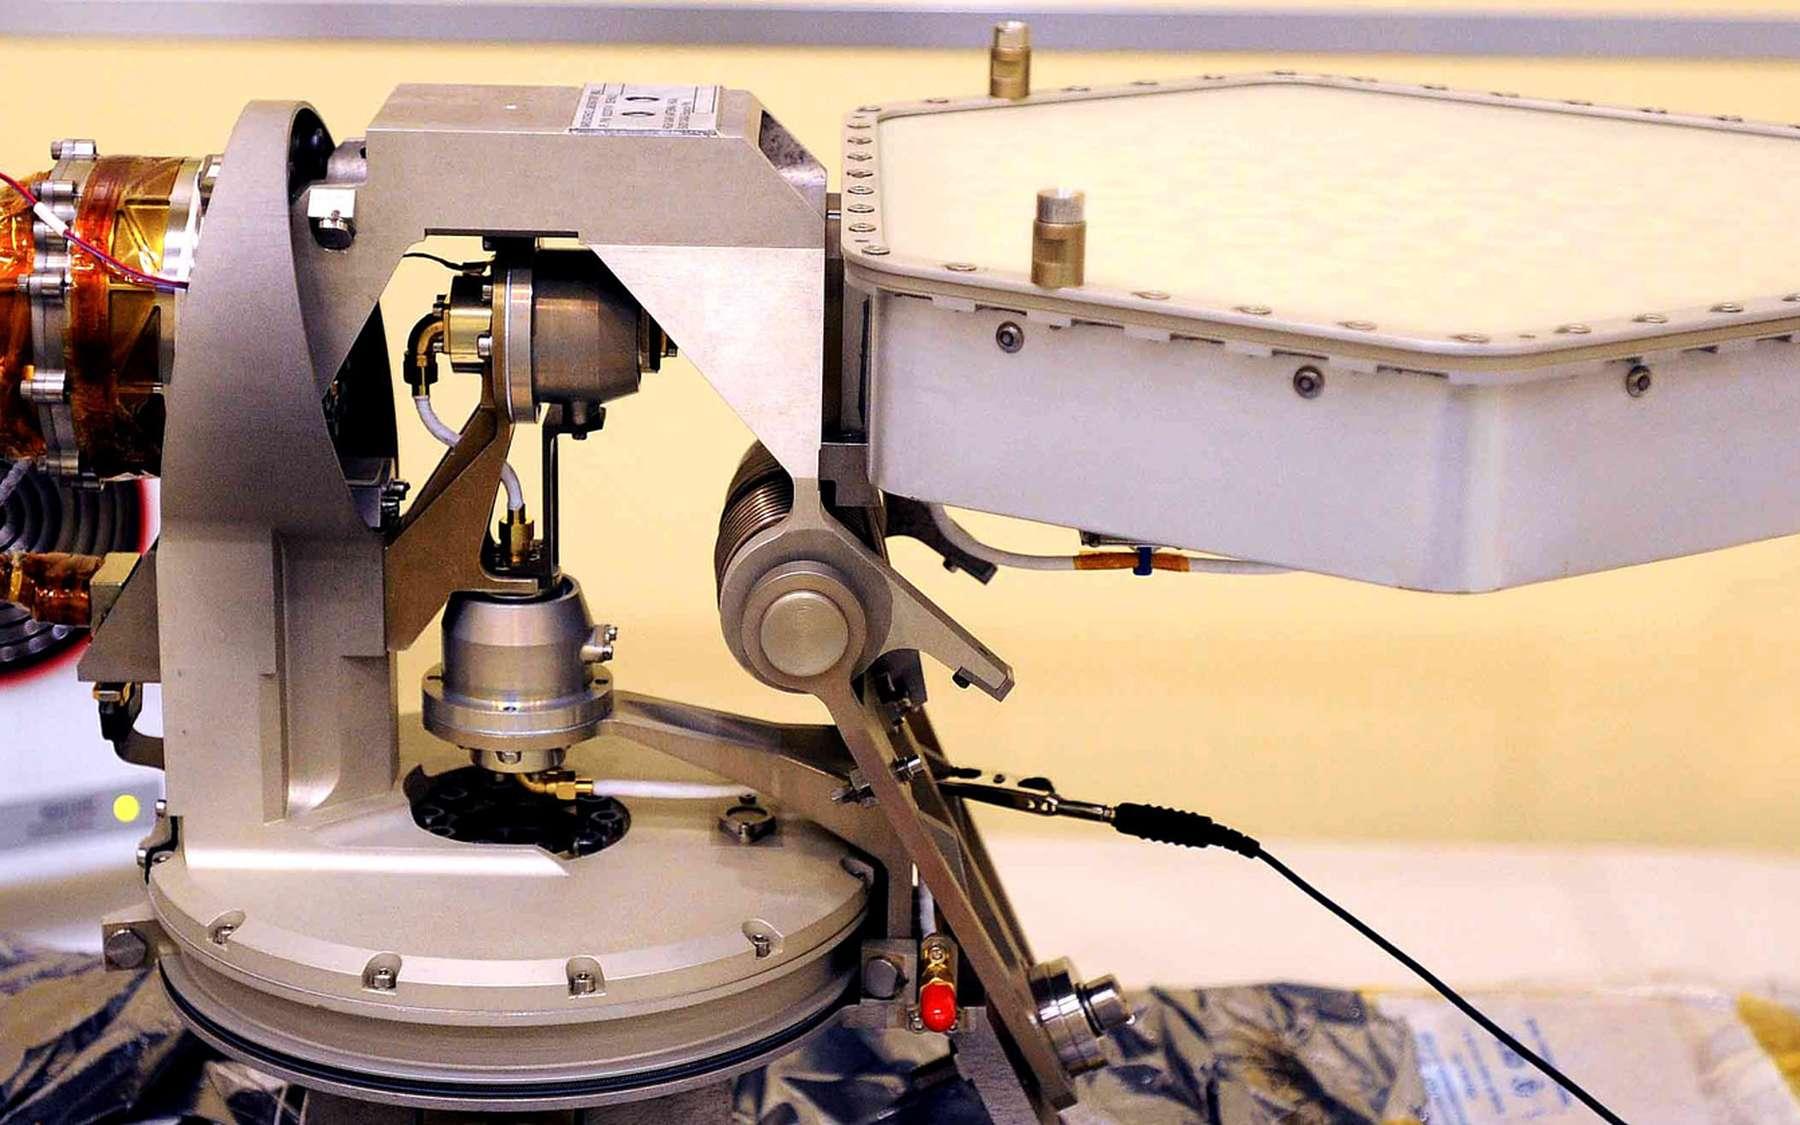 Modèle de vol de l'antenne à gain élevé construite par l'industrie spatiale espagnole qui sera installée sur le rover martien Curiosity. Crédits Astrium Spain